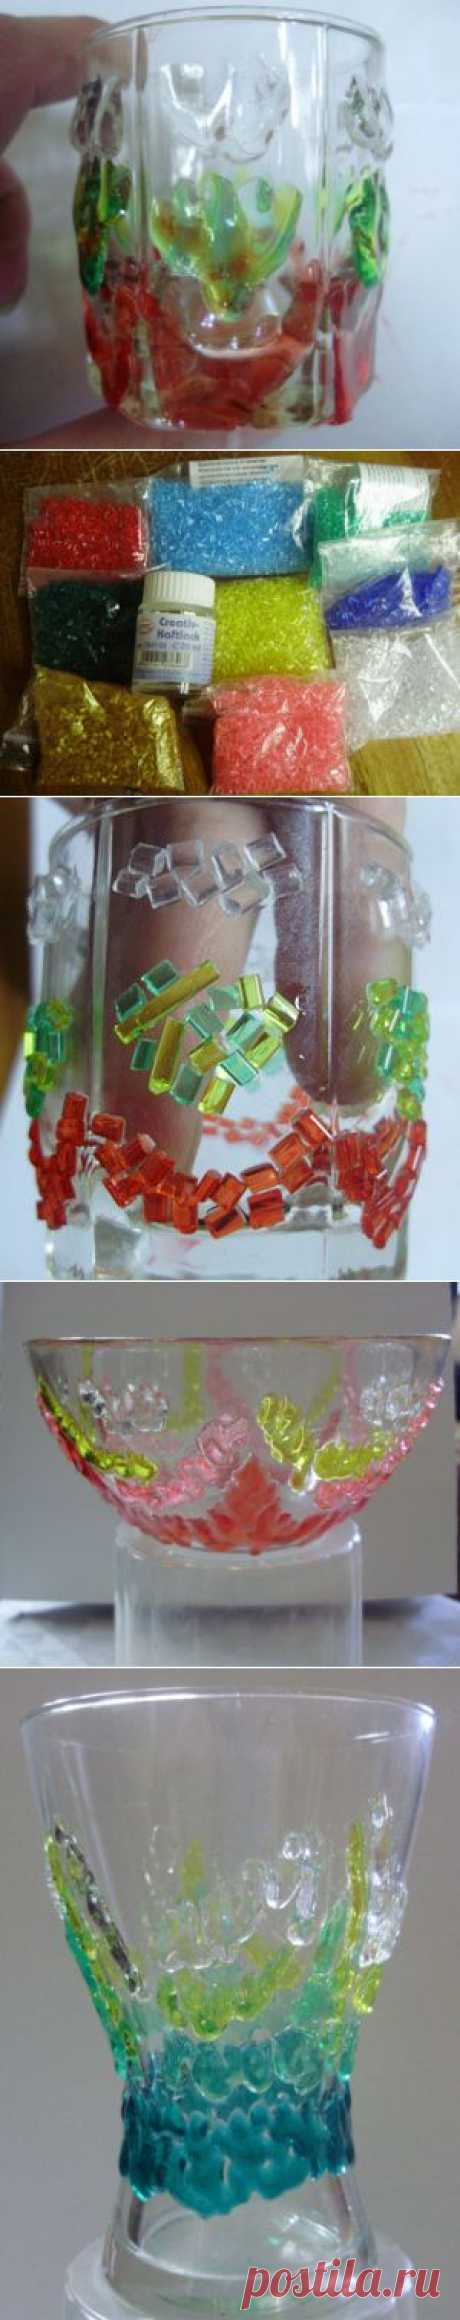 Декорирование стеклянных предметов гранулами для запекания..